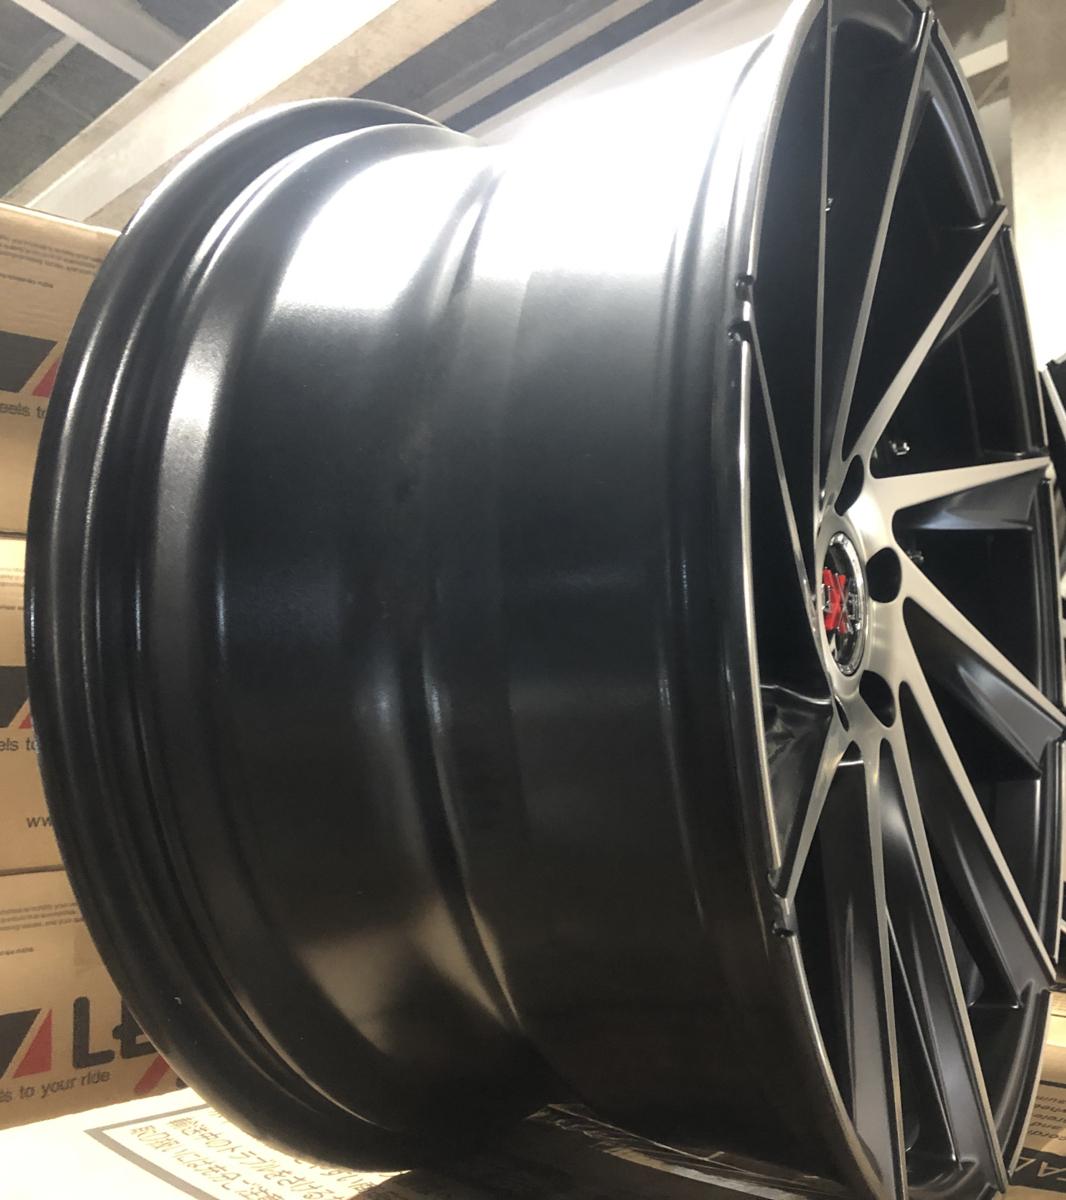 美品!! スカイライン フーガ Z33 SC アルファード ヴェルファイア IS クラウン 20インチ タイヤホイールセット 9J&10J 4本 LEXXEL Laluce_画像6